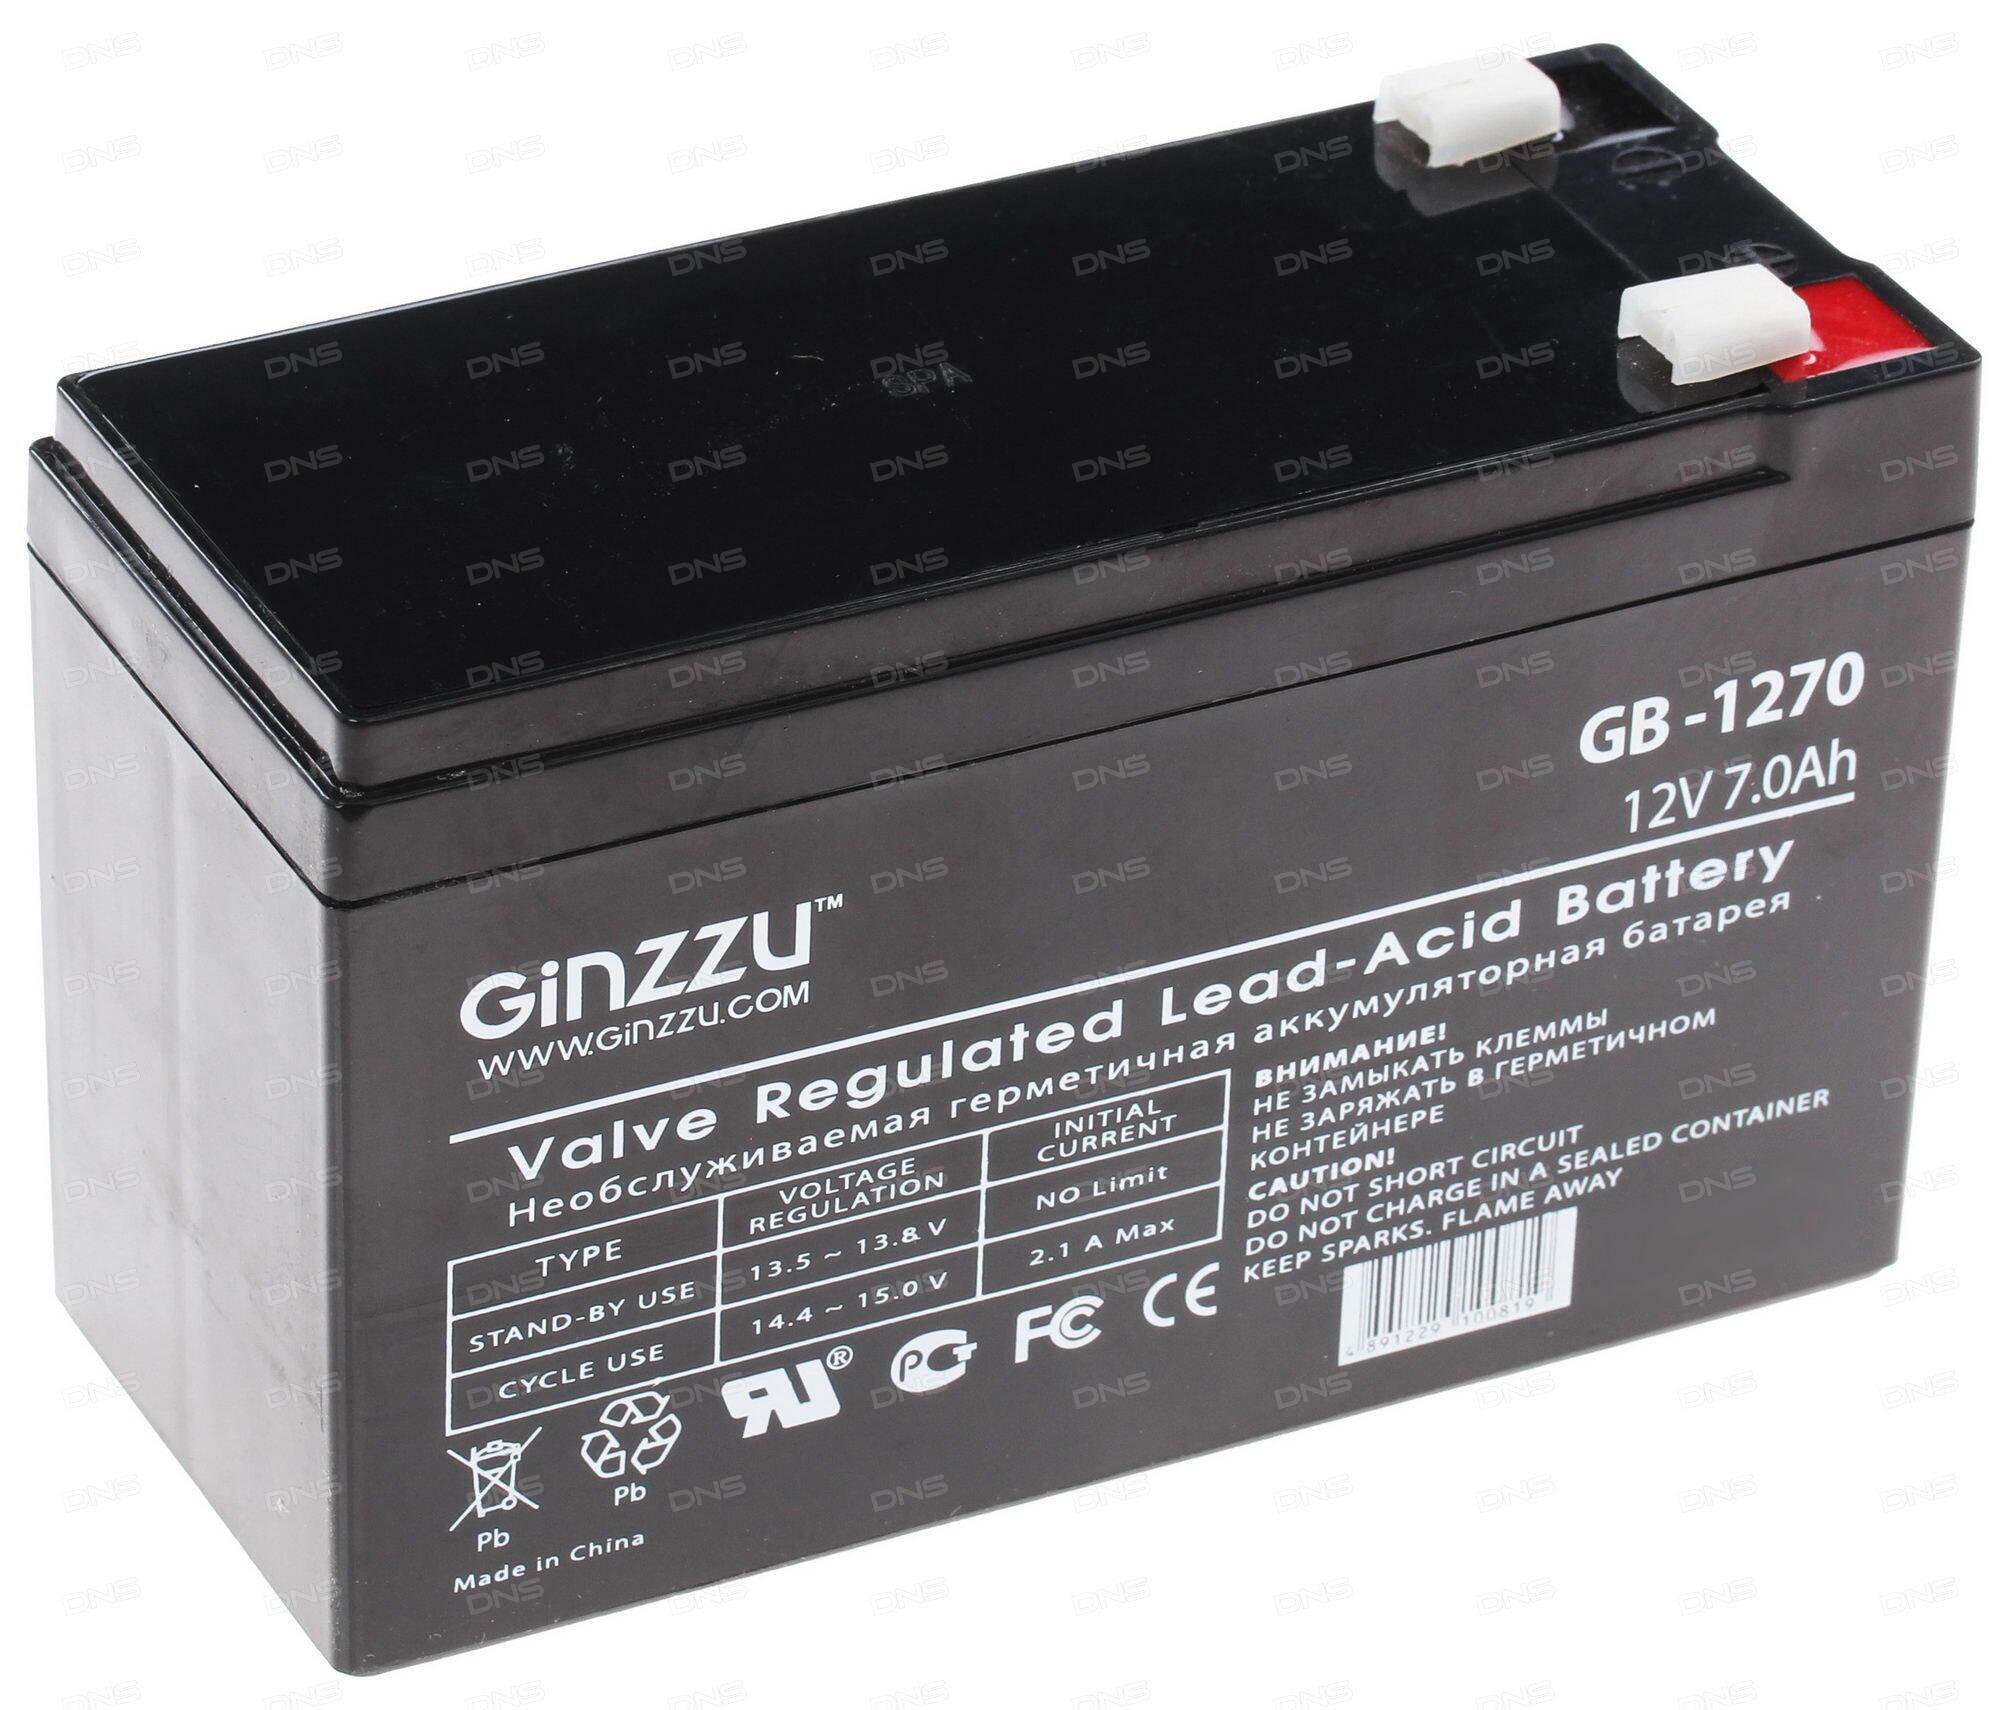 Аккумулятор для ИБП CSB GP 12170 аккумулятор для ИБП